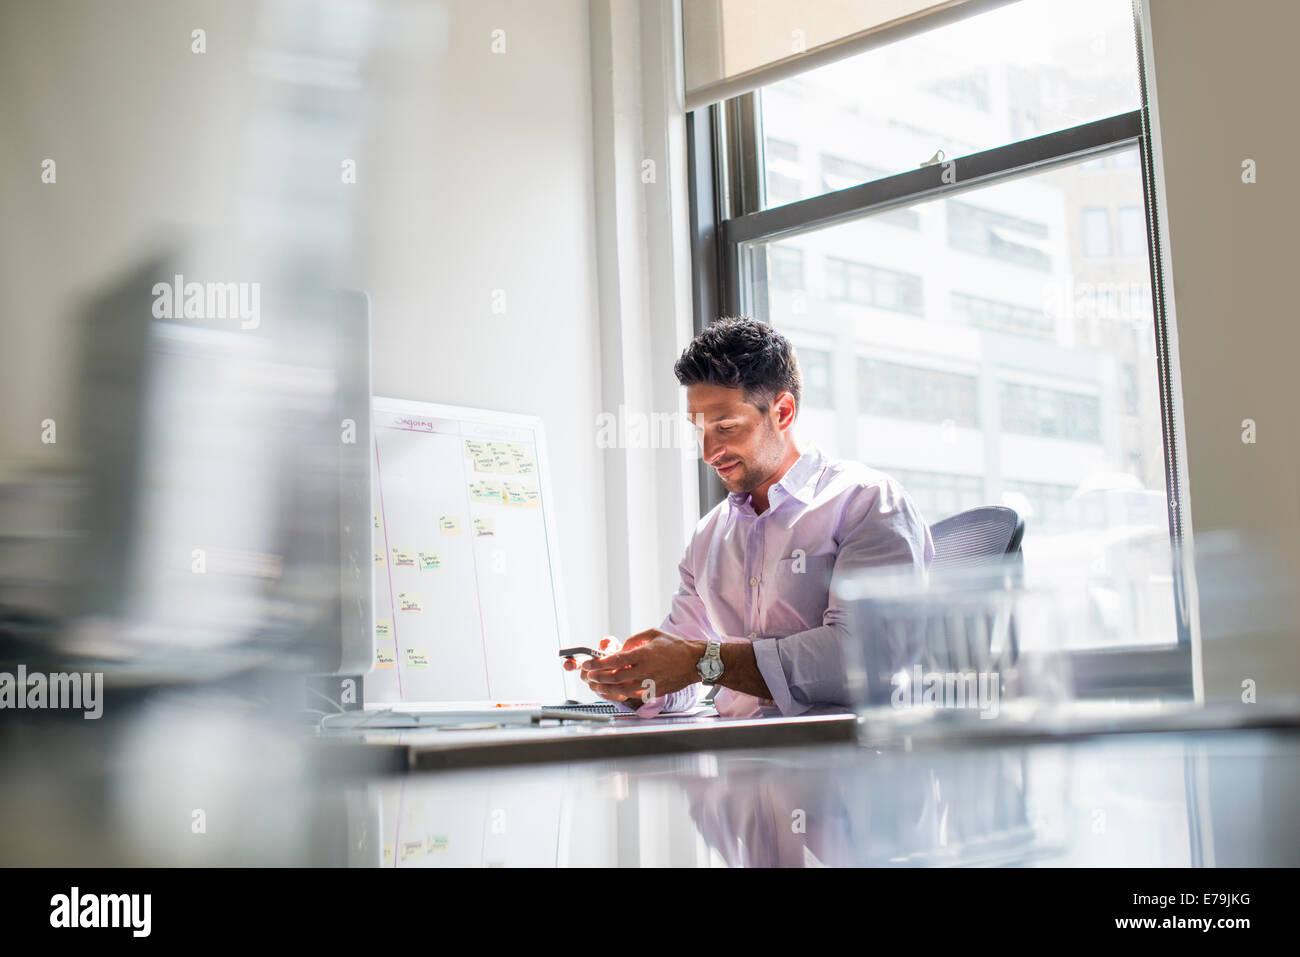 La vie de bureau. Un homme contrôler son téléphone dans un bureau. Photo Stock